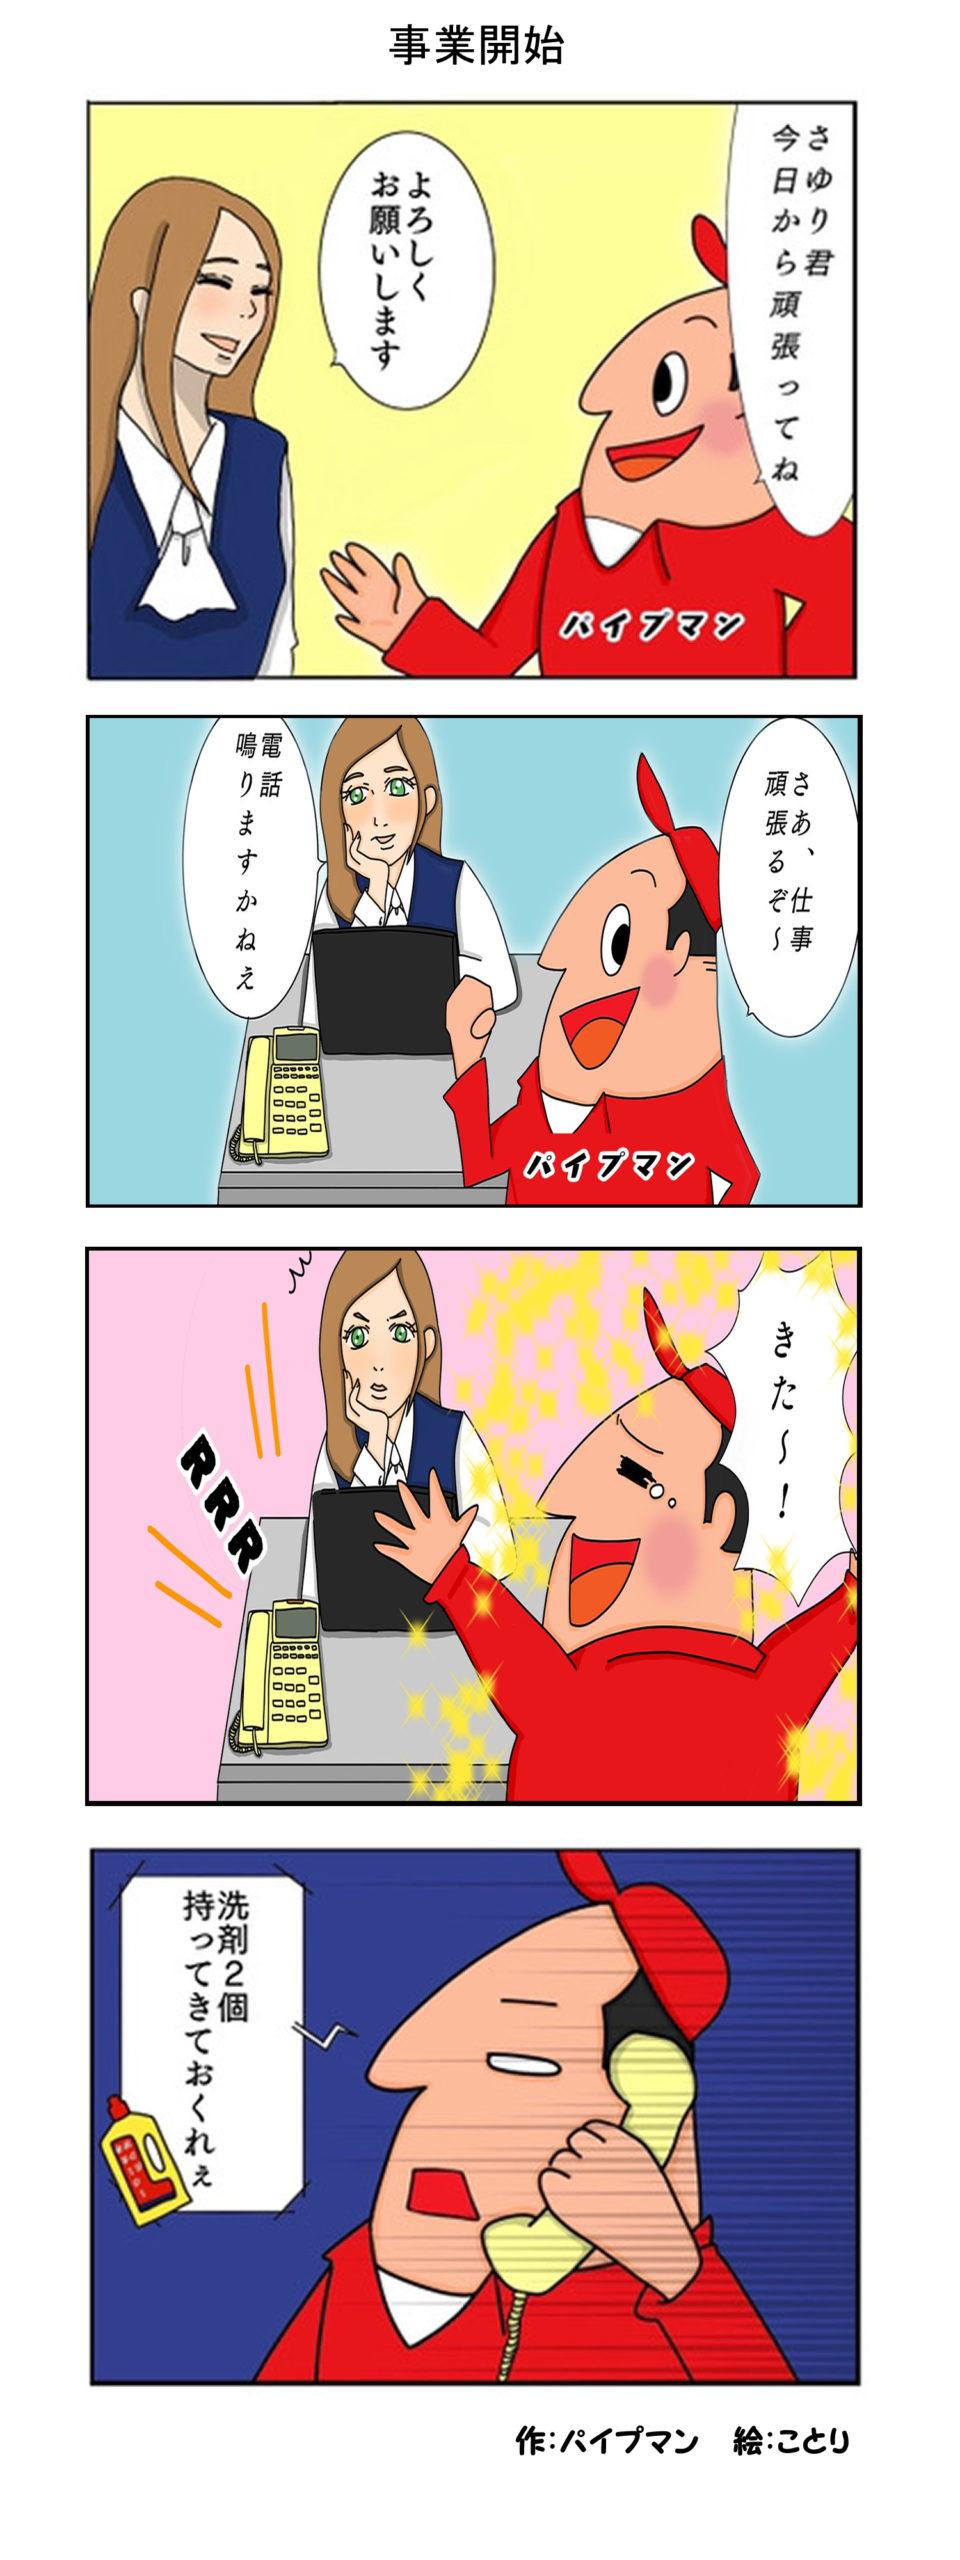 パイプマン漫画 第1話